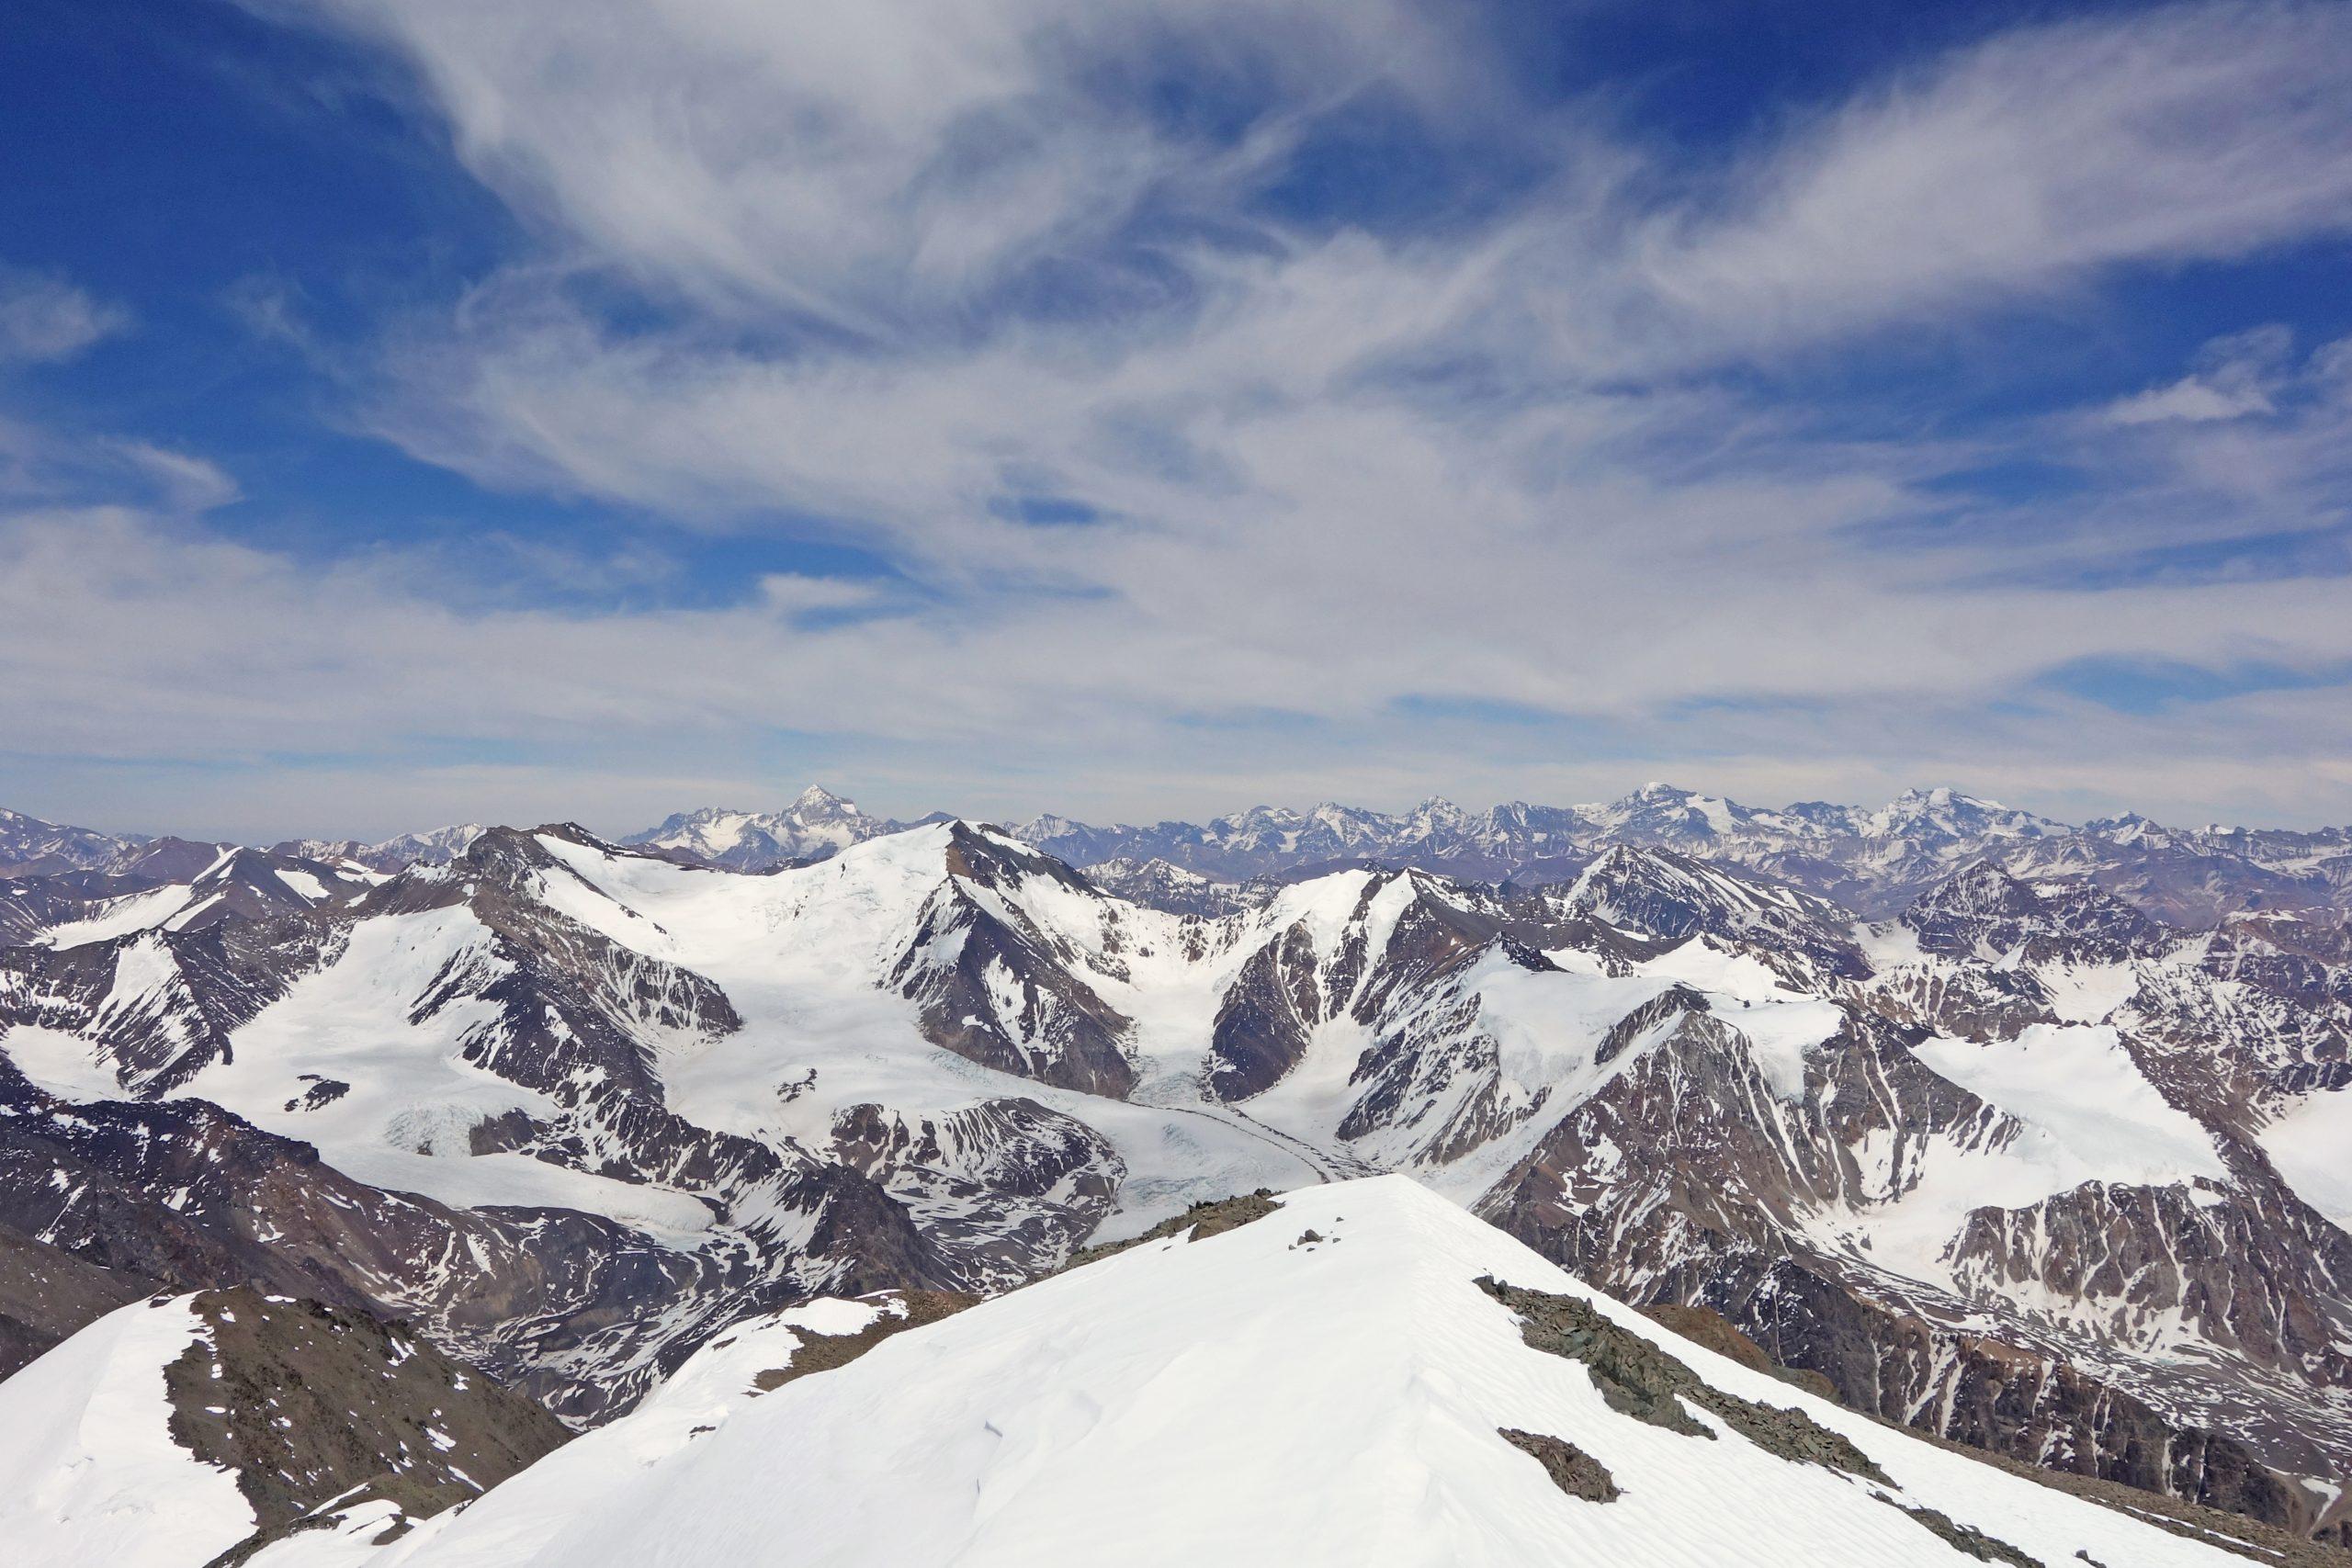 Radreise Südamerika 2019 - Auf dem Cerro Plata (5.980m)